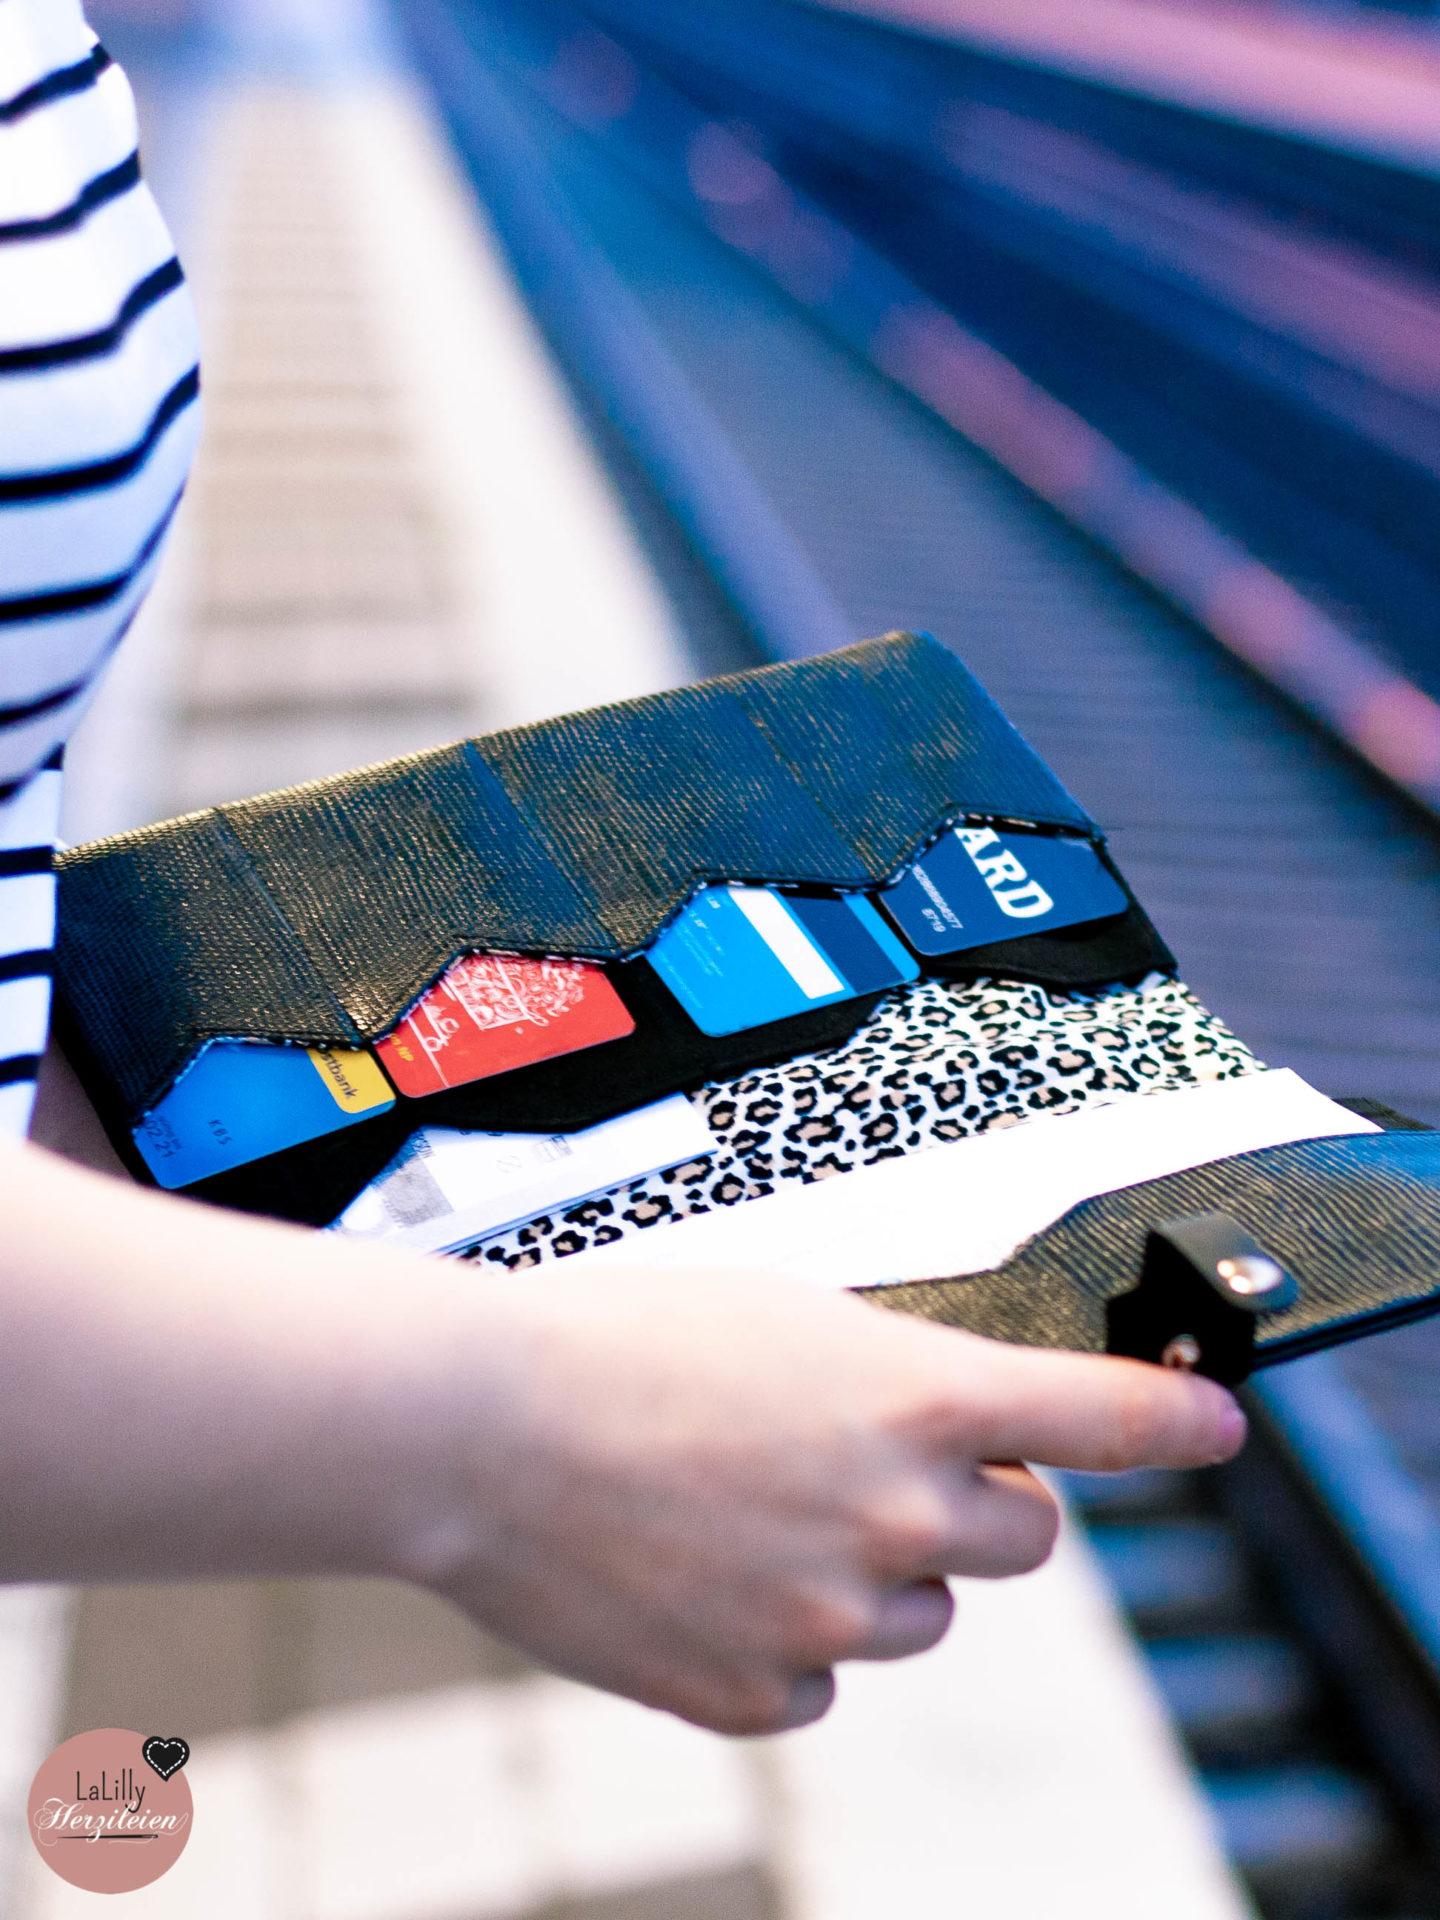 Du bist auf der Suche nach einem individuellen Geschenk oder brauchst eine Mappe für deine nächste Reise? Näh dir eine stylisches Reiseunterlagen Etui mit der Anleitung und dem Schnittmuster Traveller Briefcase Camino. Reiseunterlagenetui mit der Anleitung und dem Schnittmuster Traveller Briefcase Camino.